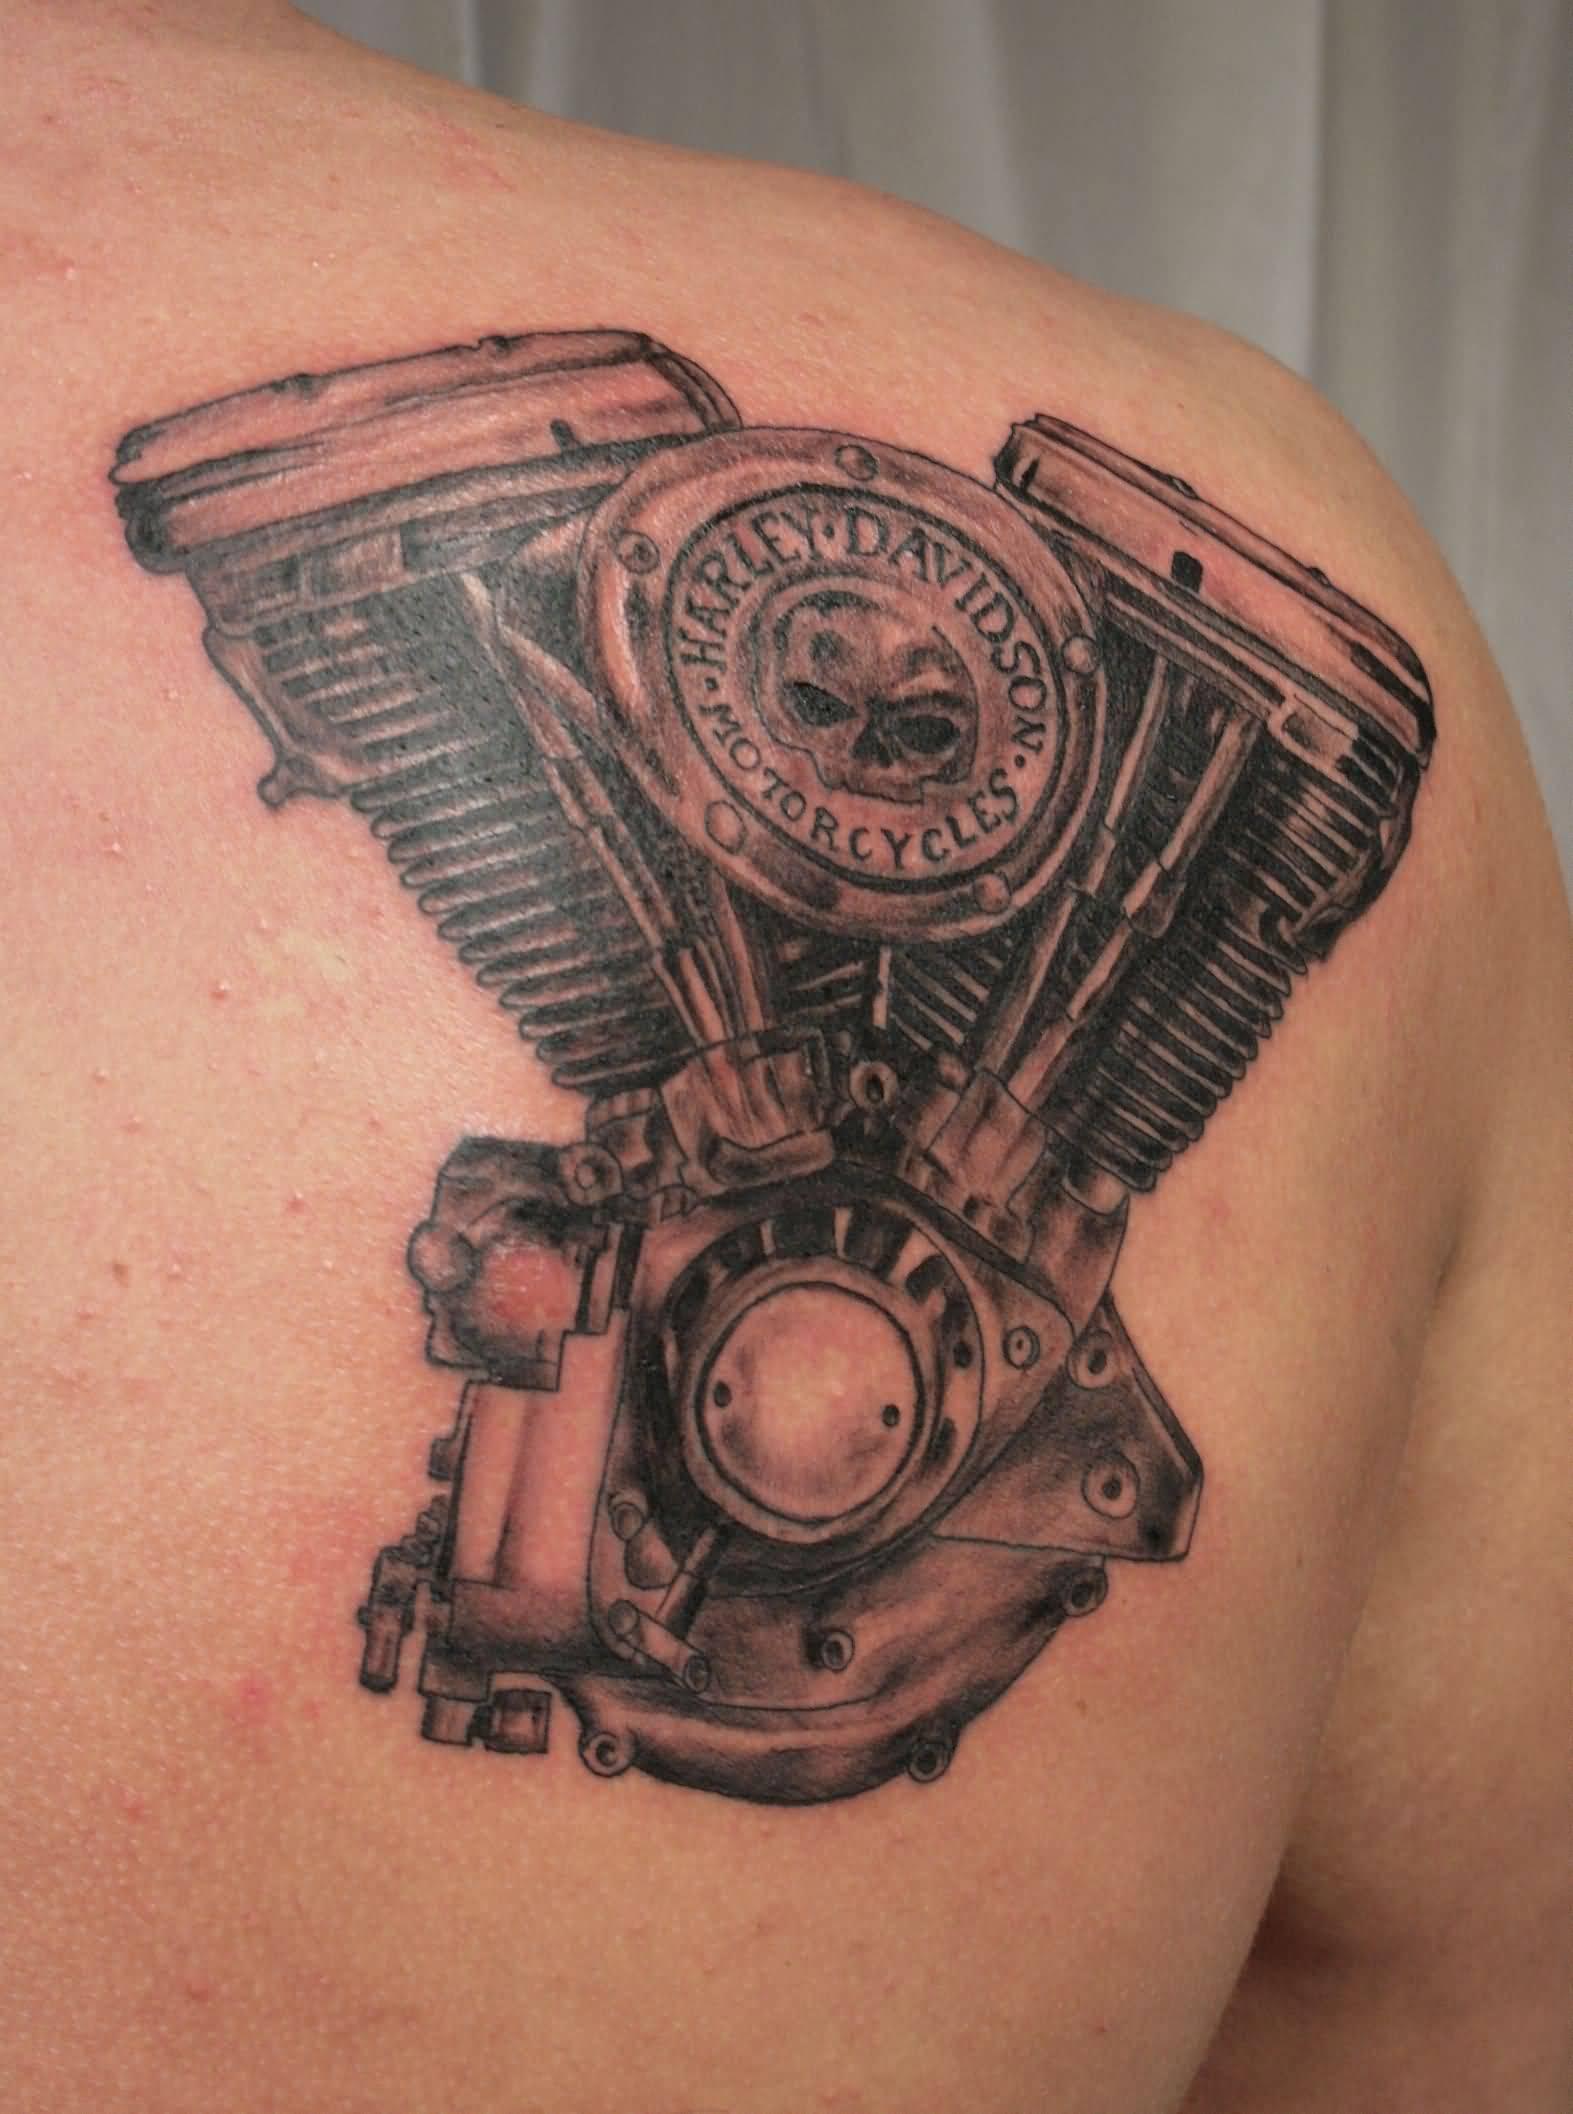 Grey And Black Harley Davidson Engine Tattoo On Right Back Shoulder